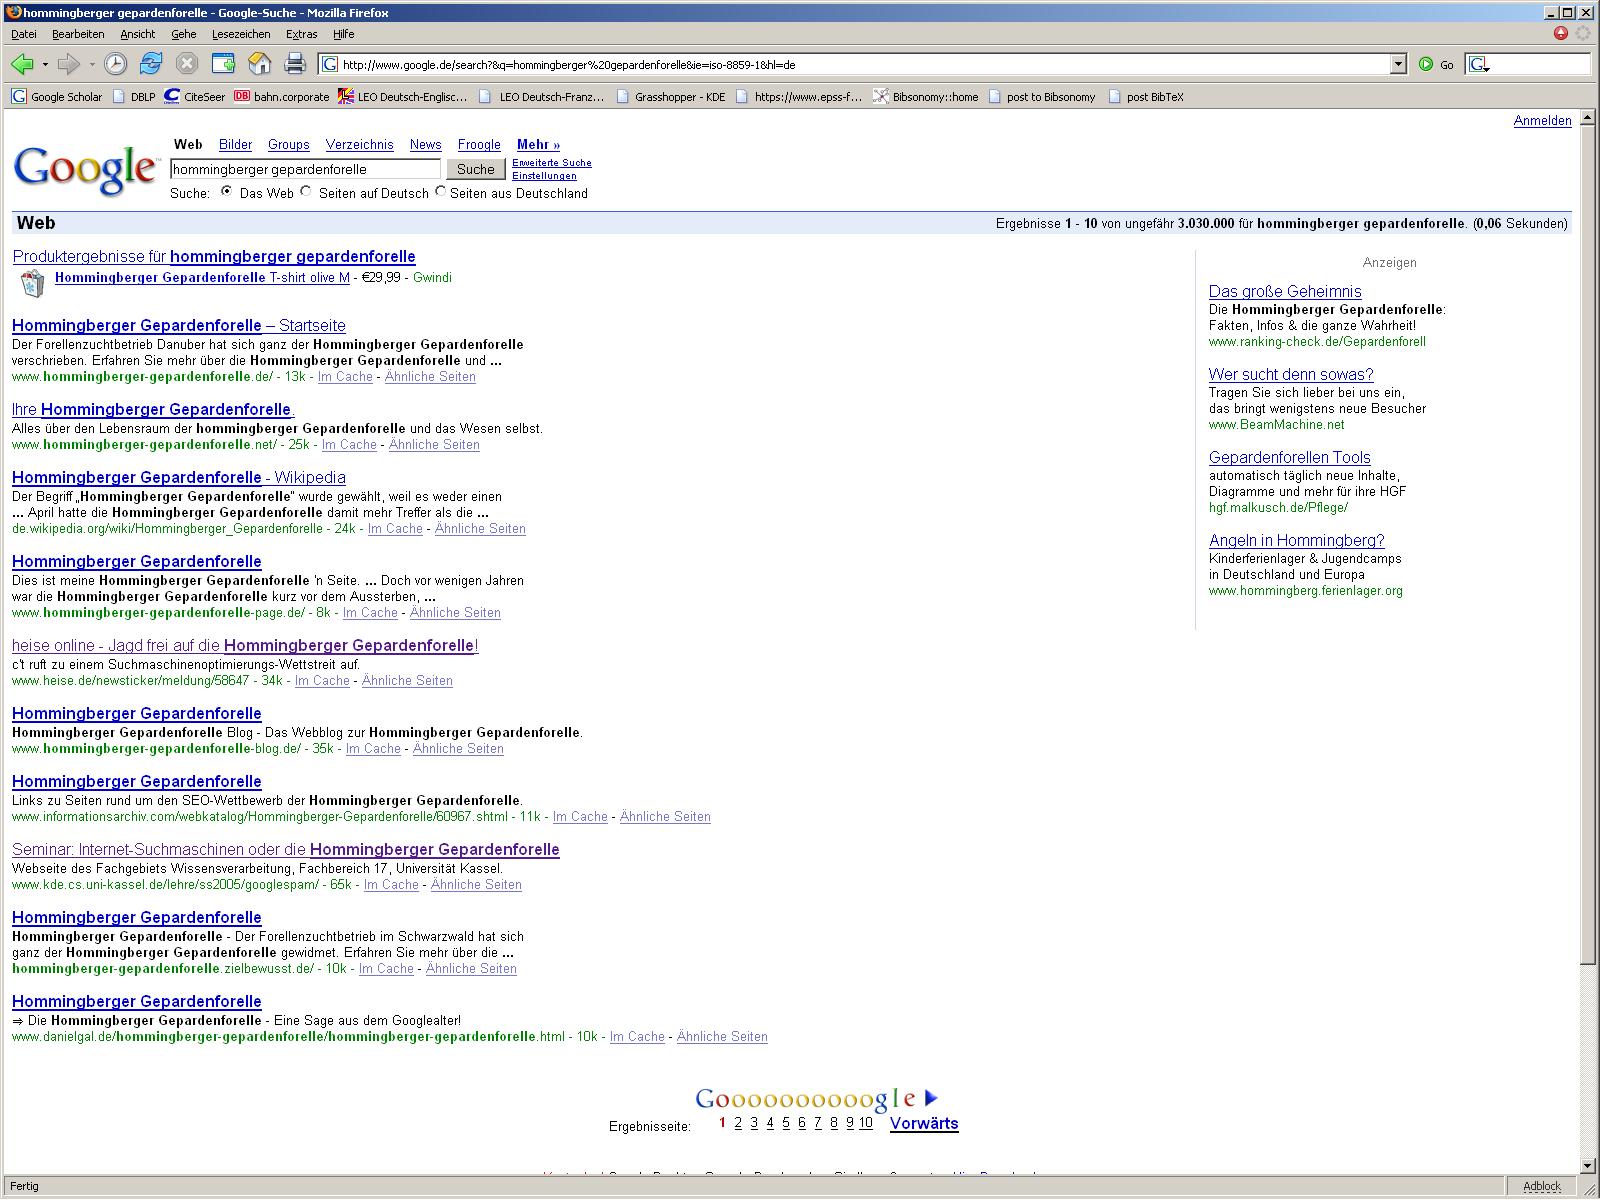 Seminar: Internet-Suchmaschinen oder die Hommingberger Gepardenforelle